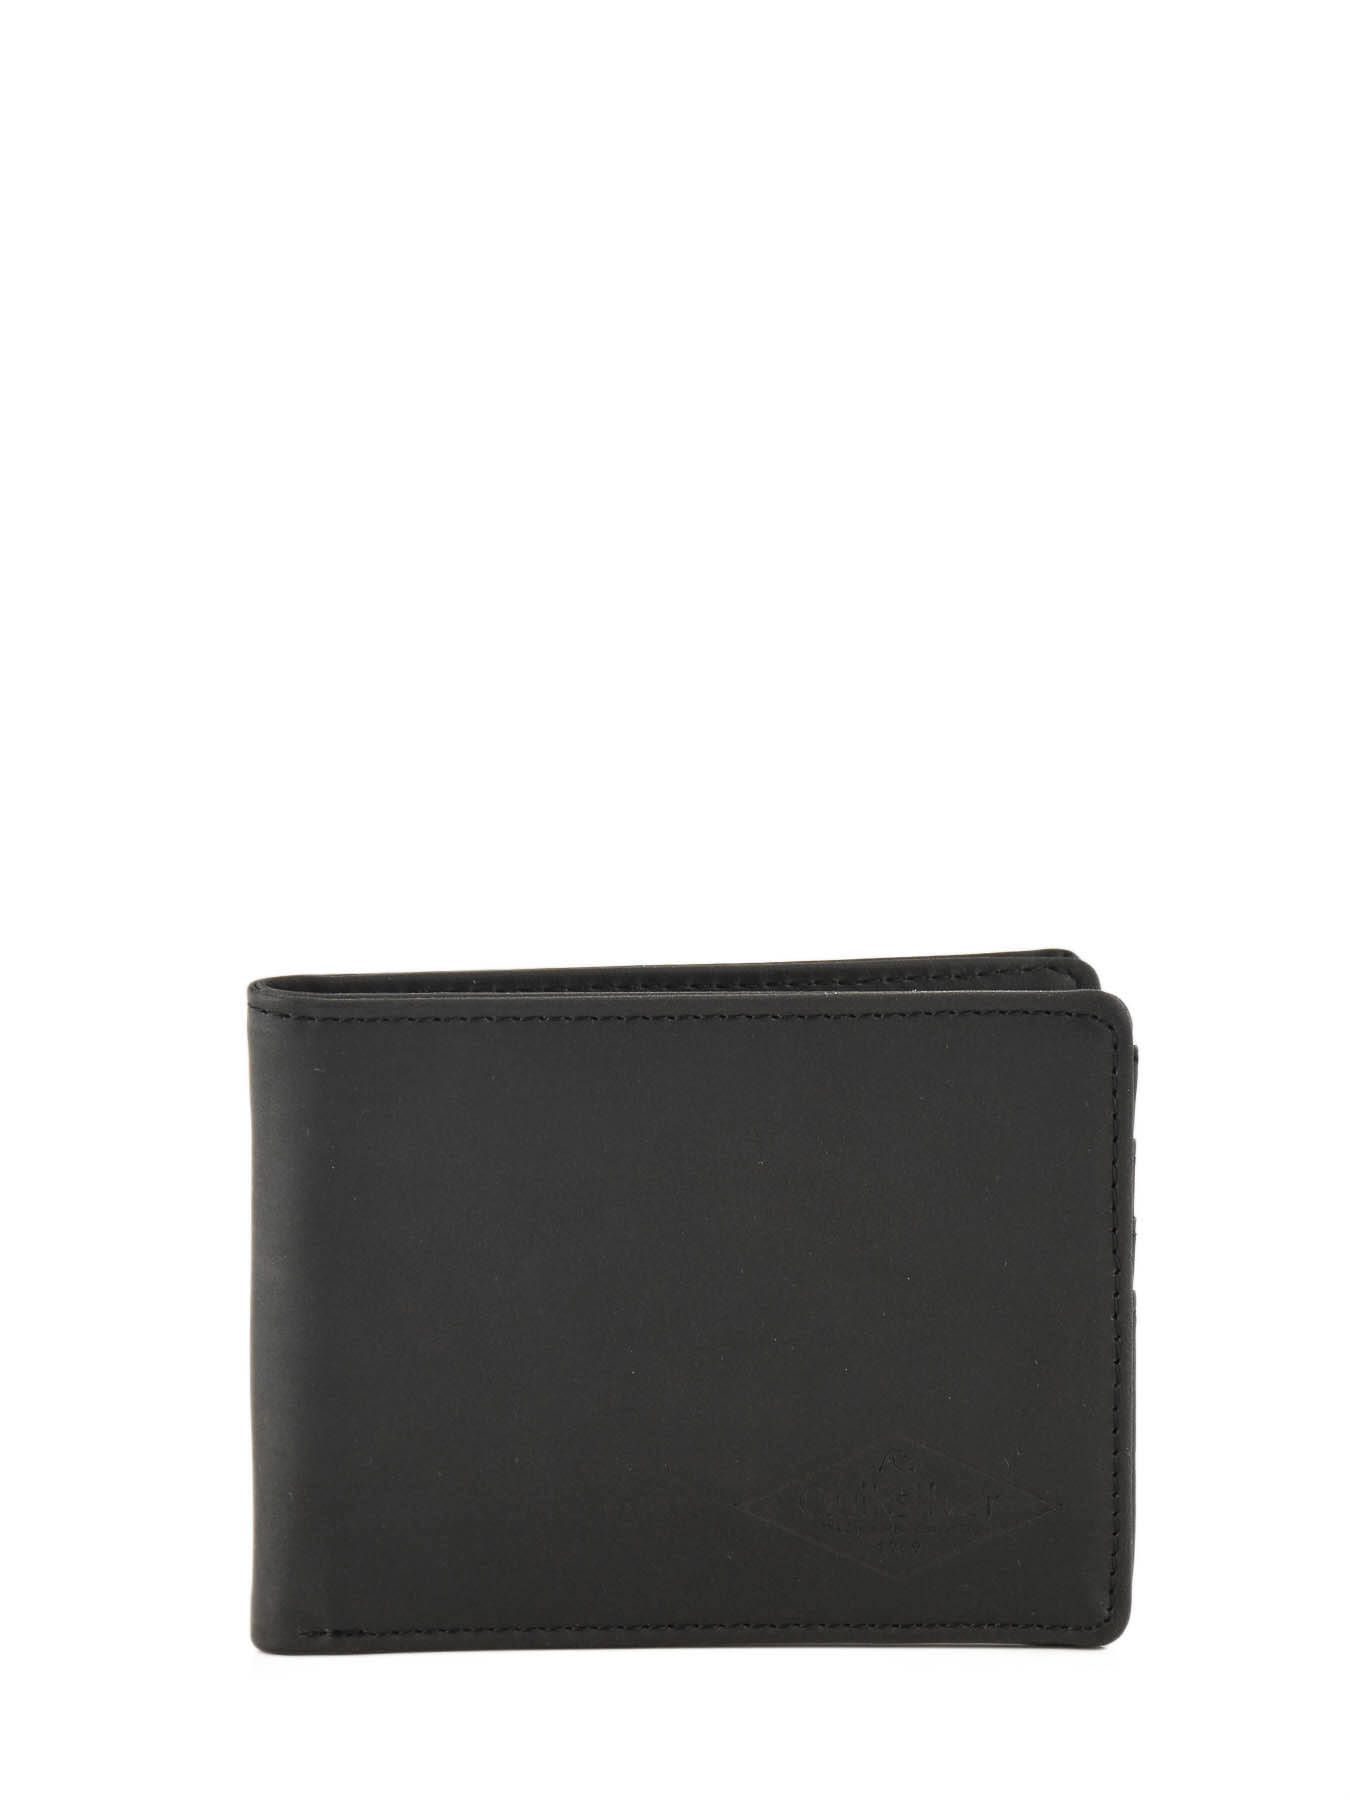 20a10d4528 Wallet QUIKSILVER